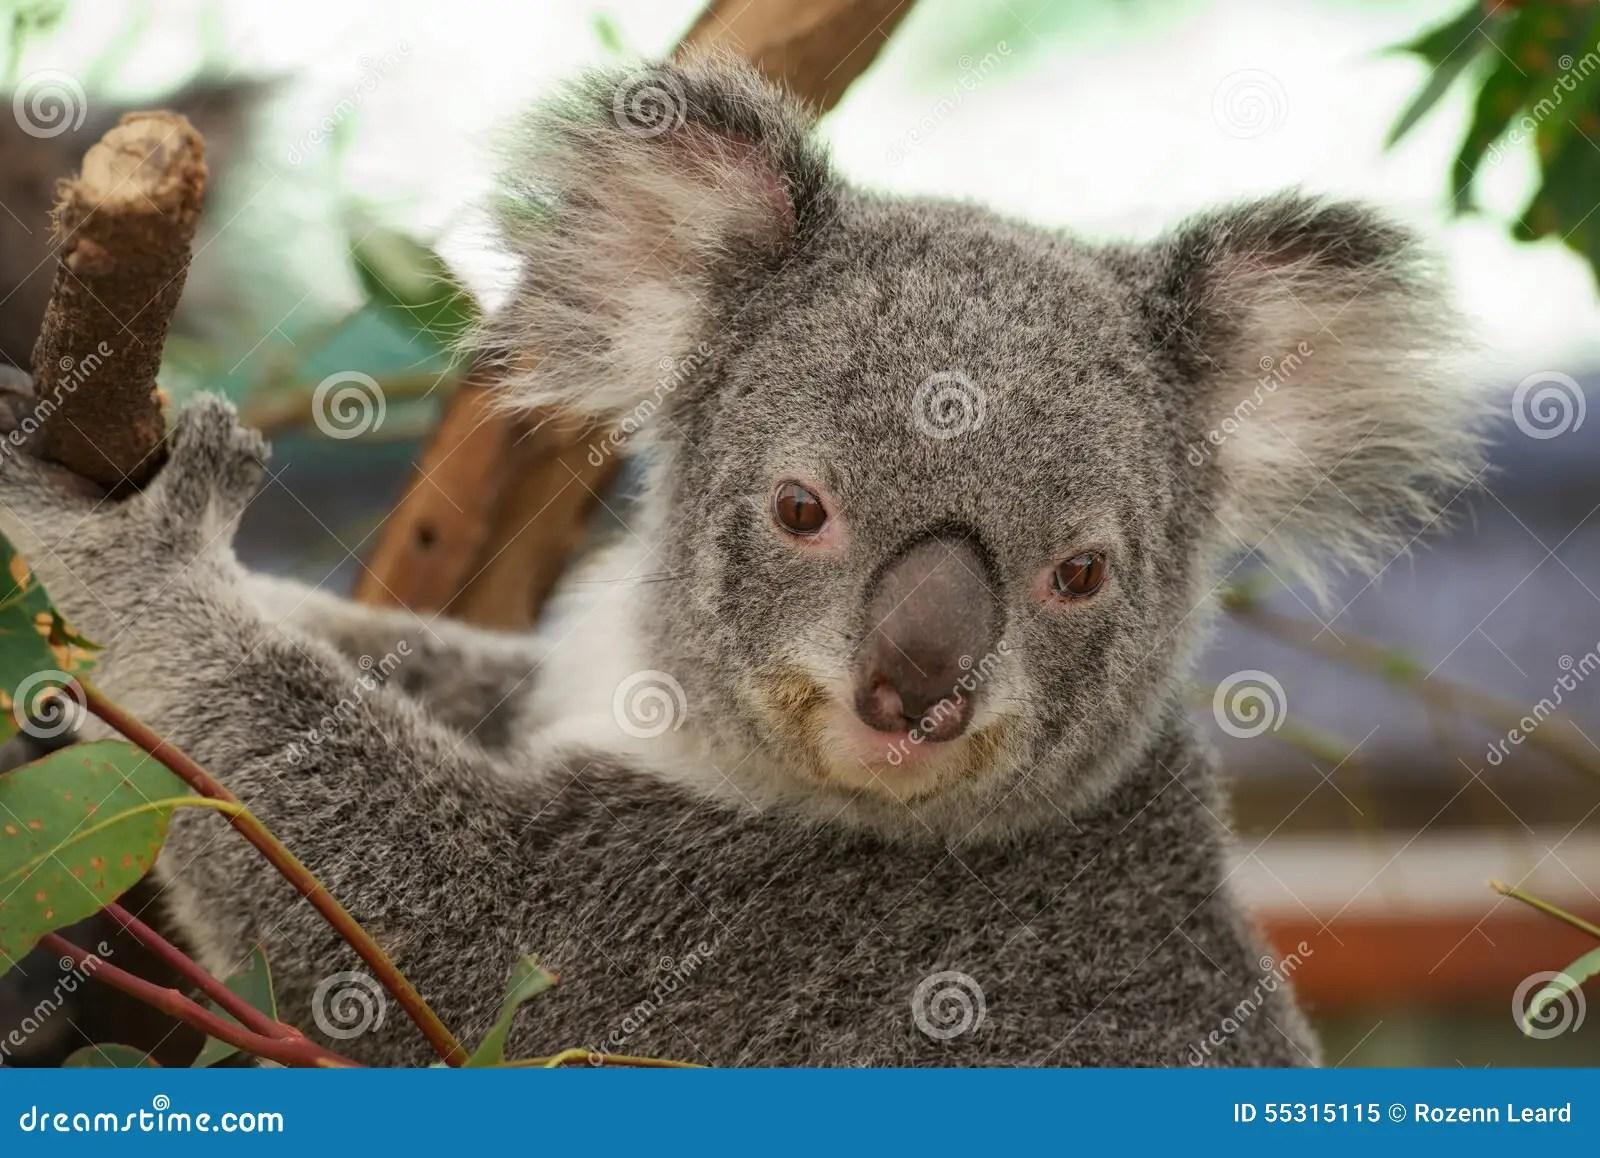 Cute Koala Stock Photo - Image: 55315115